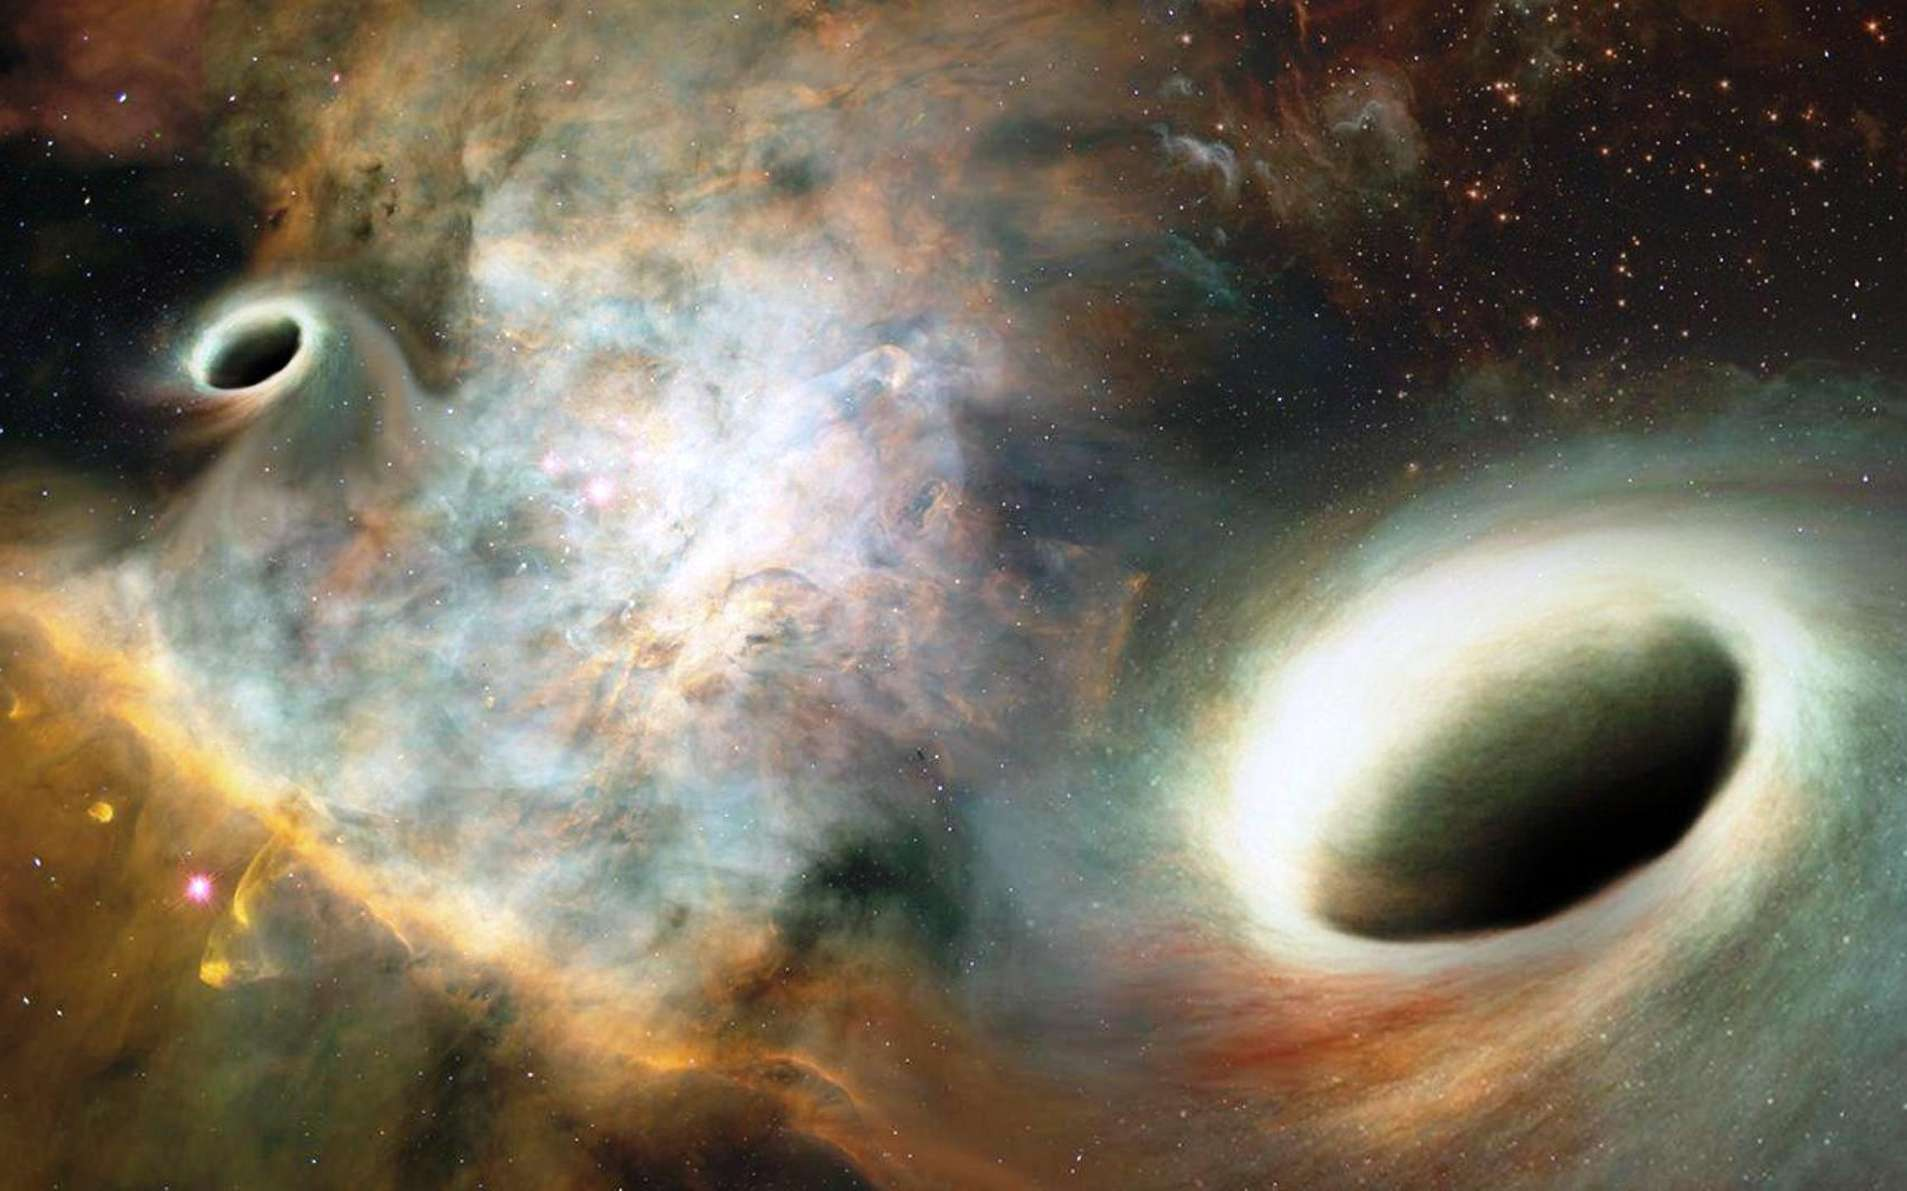 Une vue d'artiste de deux trous noirs supermassifs très rapprochés et en orbite l'un autour de l'autre. © Joshua Valenzuela, UNM